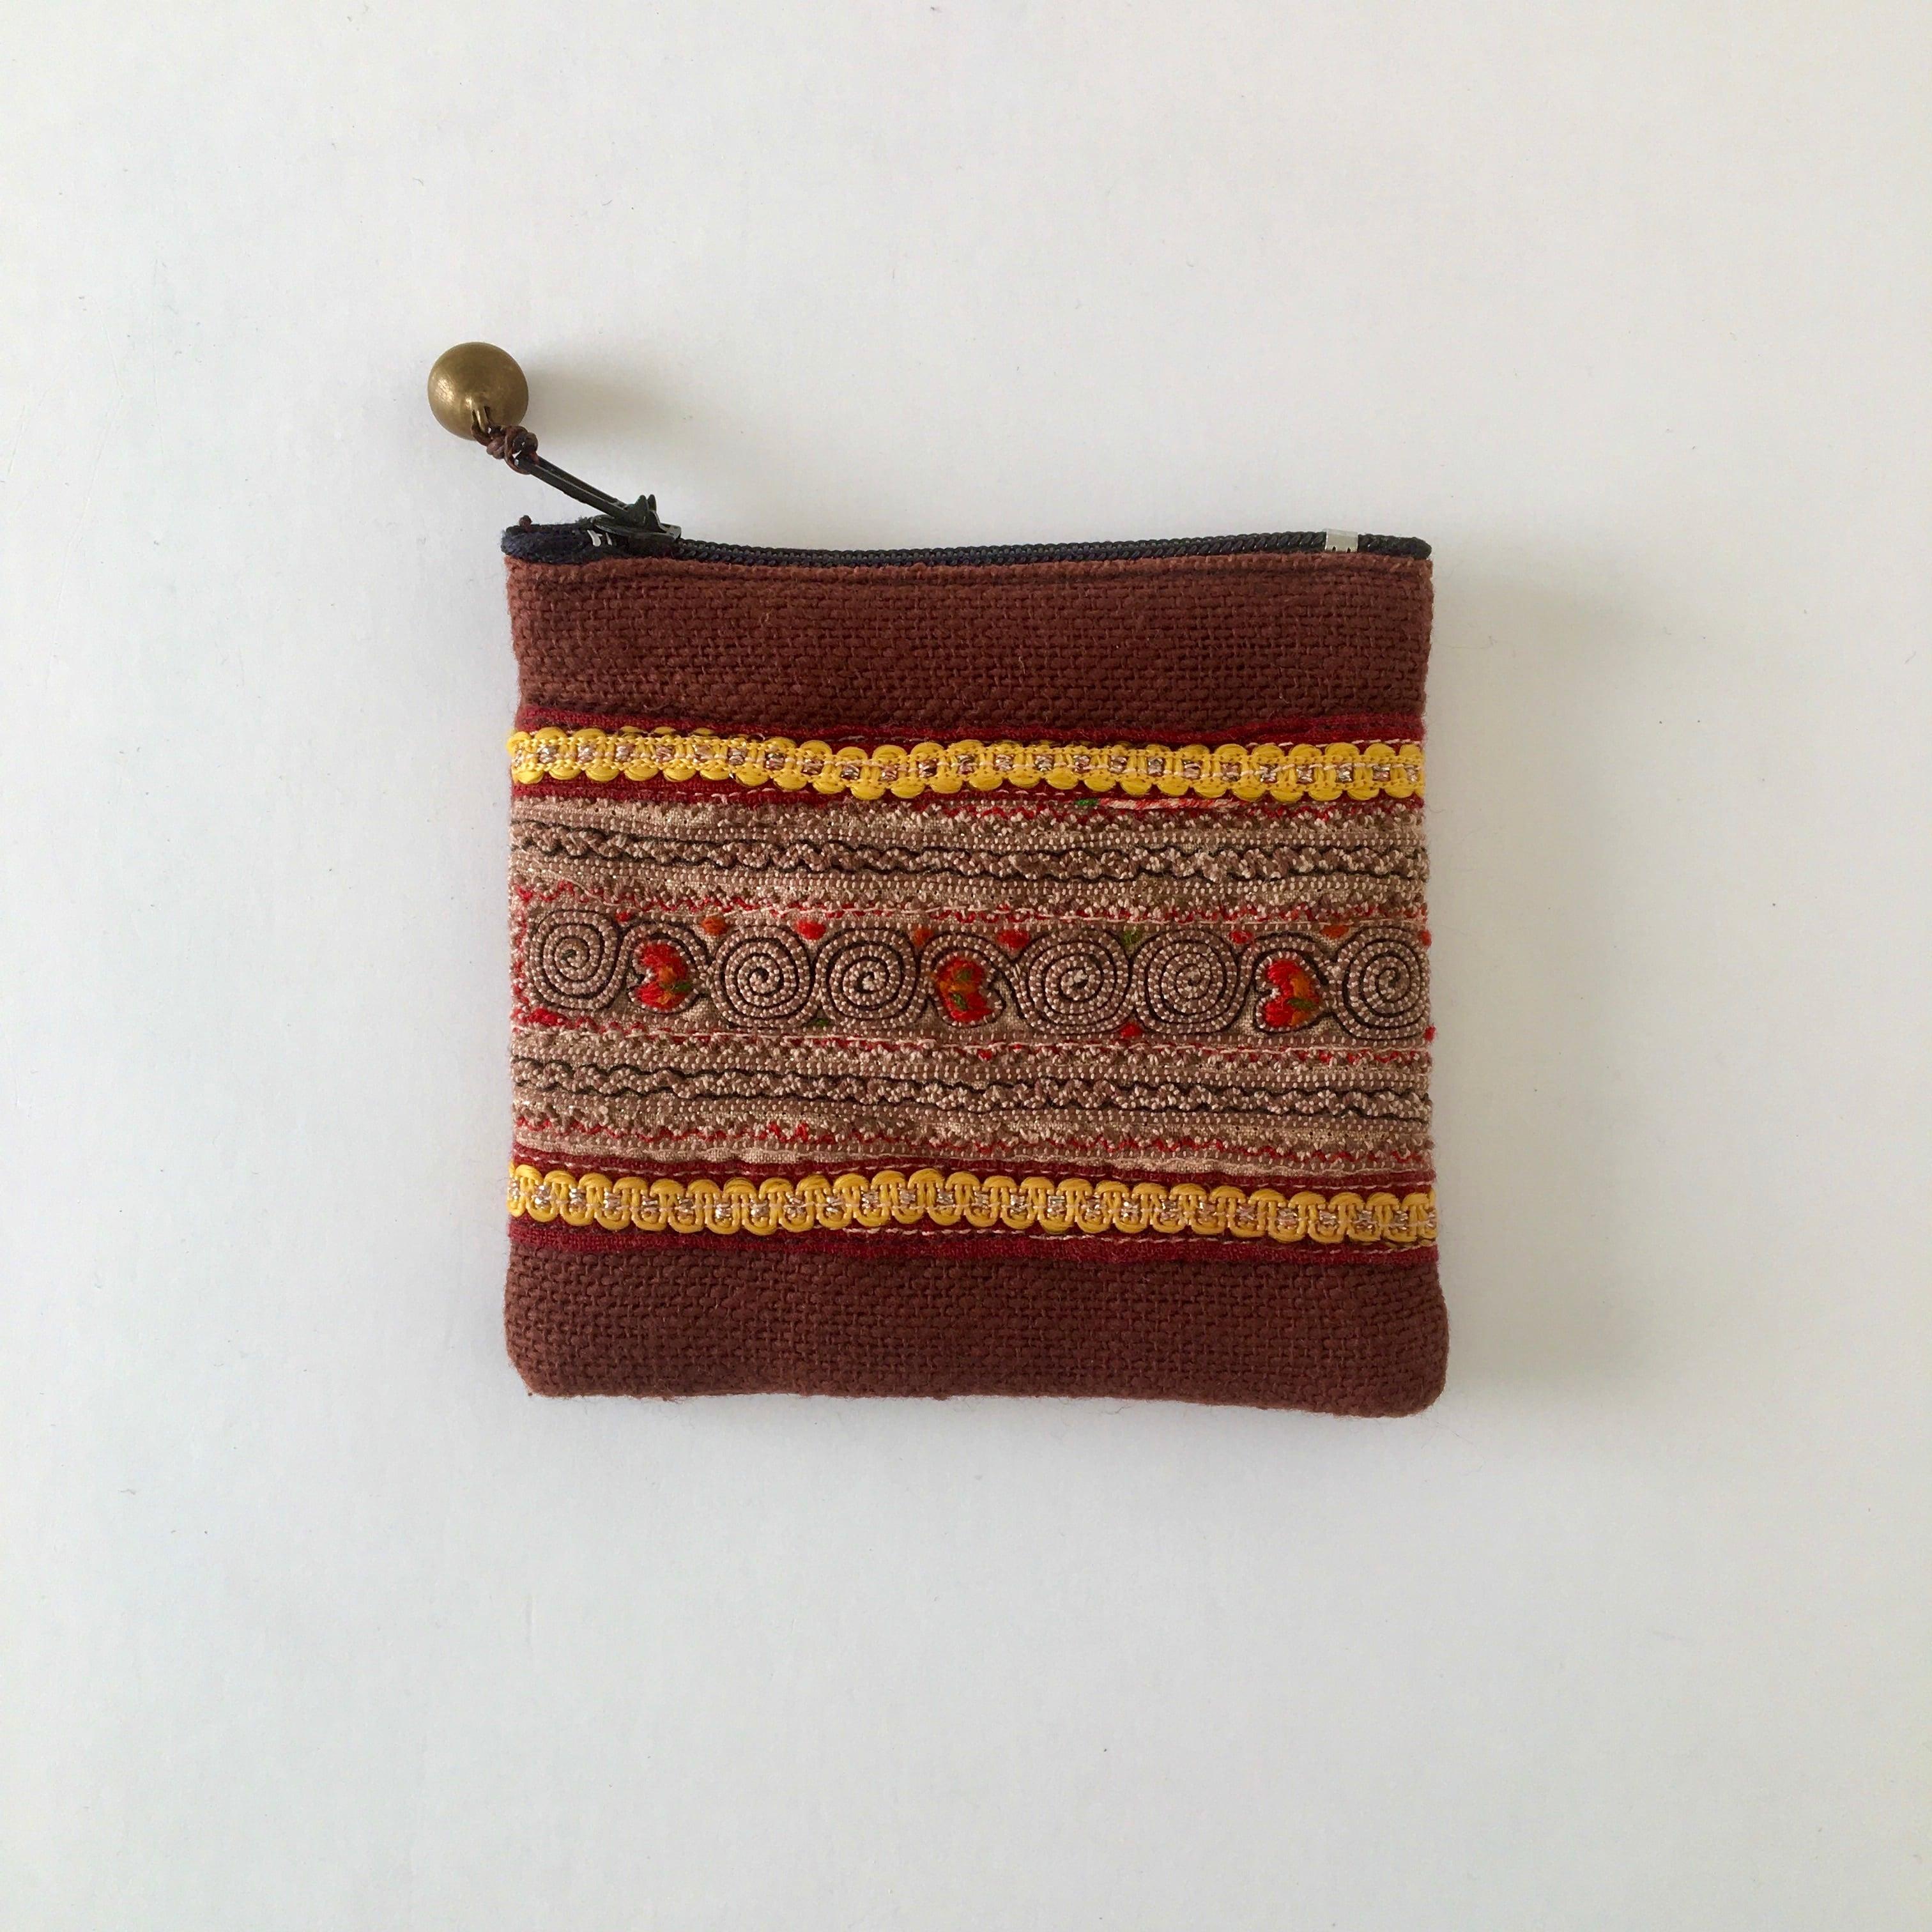 モン族の刺繍のコインケース②|Hmong Embroidery Coin Purse